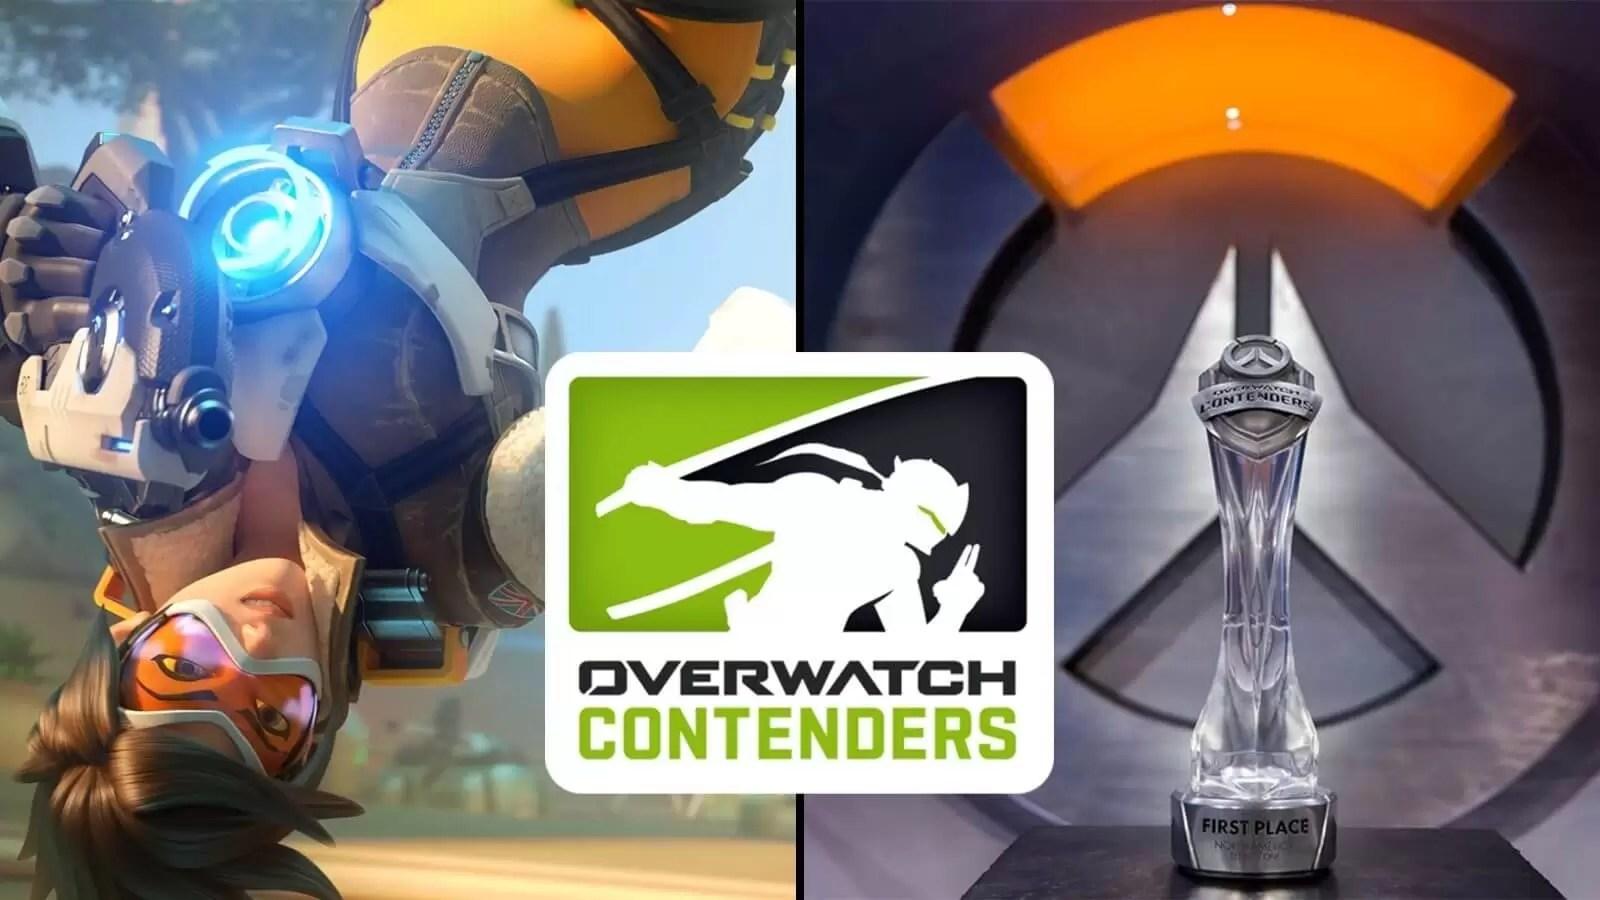 """Velike kontroverze oko Overwatch igrača """"Ellie"""", i Blizzard se uključio u istragu"""